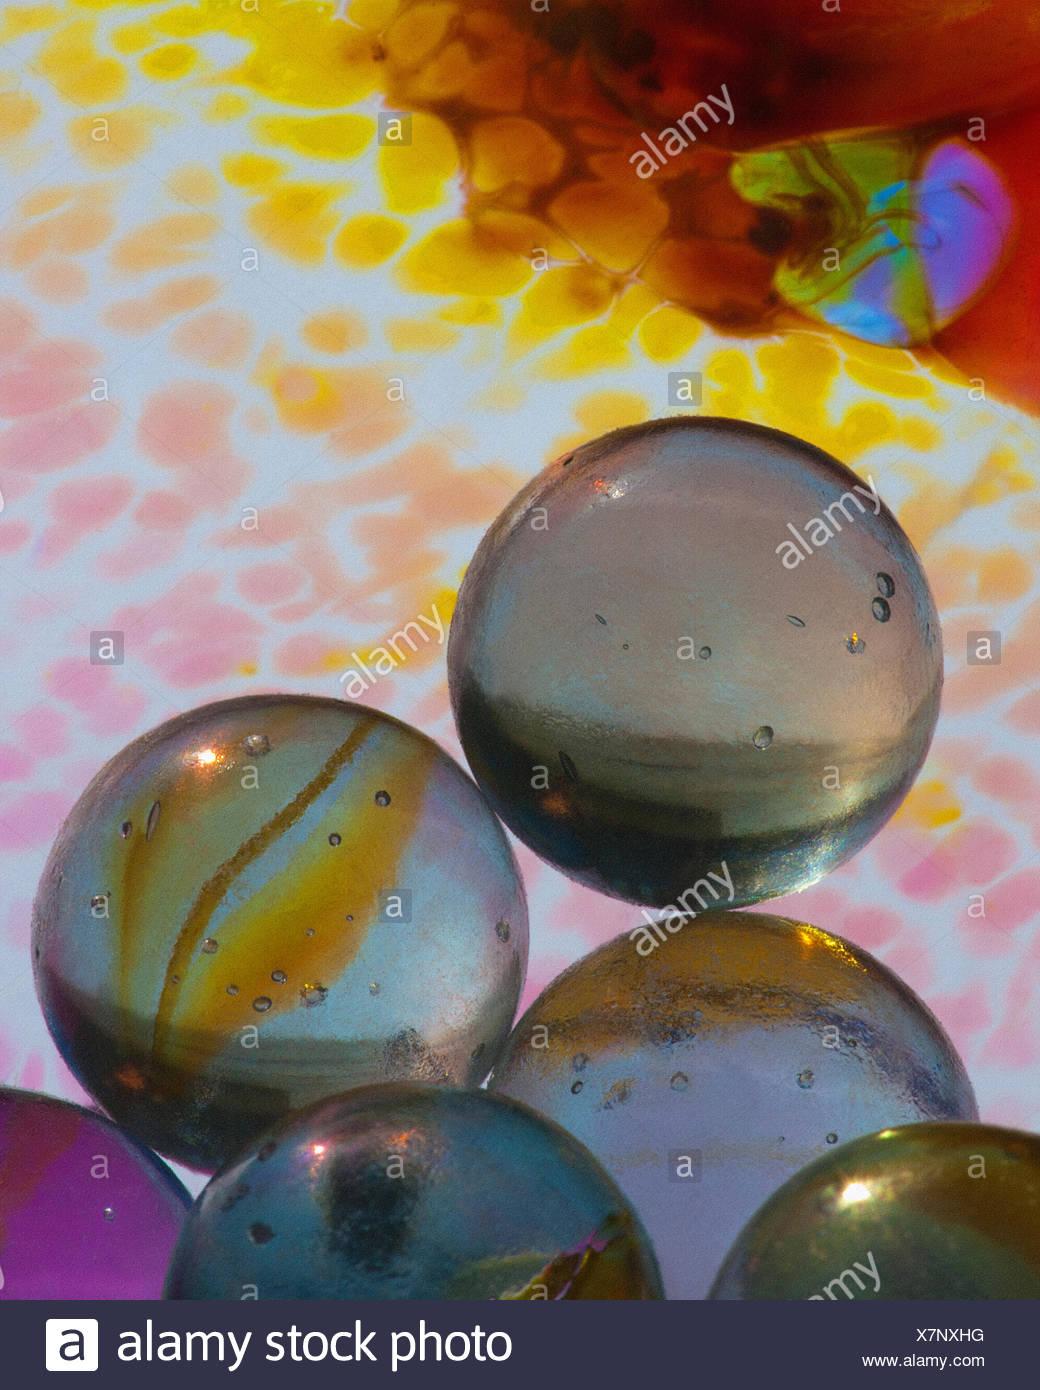 Arte della foto: Concetto di vetro Immagini Stock